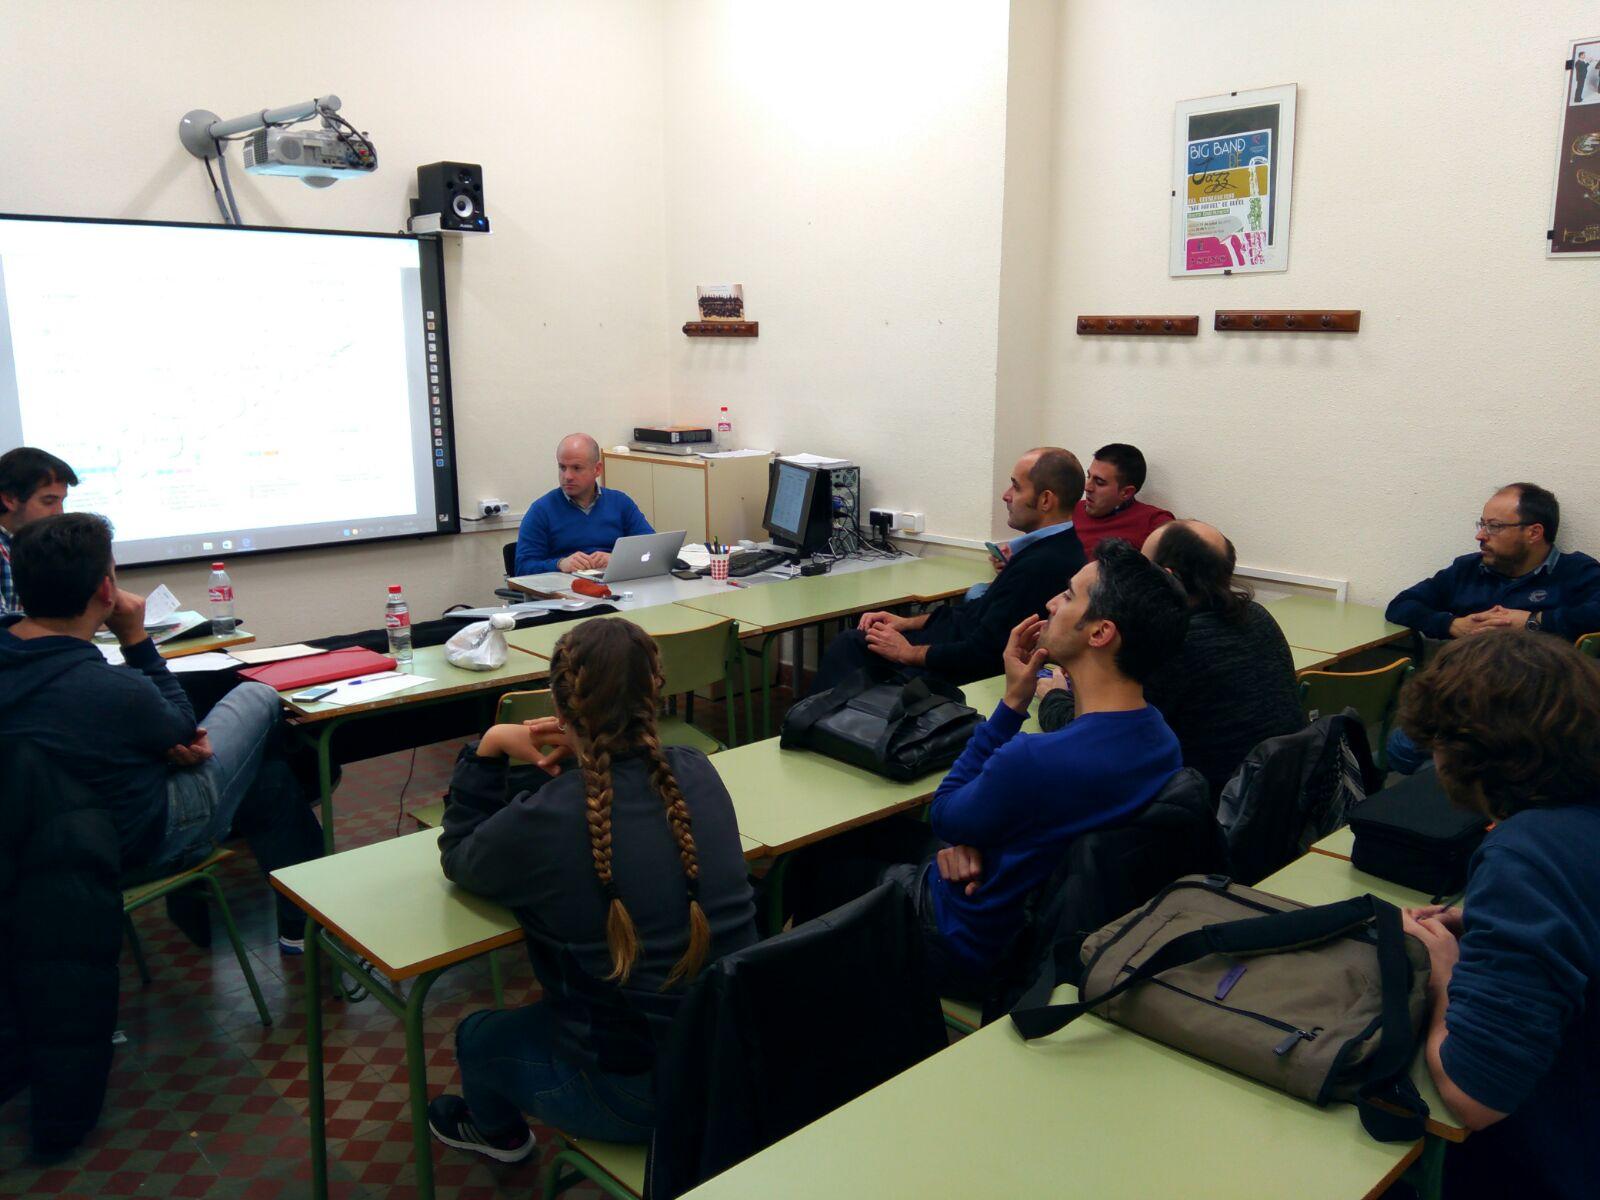 Bernardo Fabra, director de este centro educativo, presentó la programación para 2017 y especialmente la Semana Cultural.